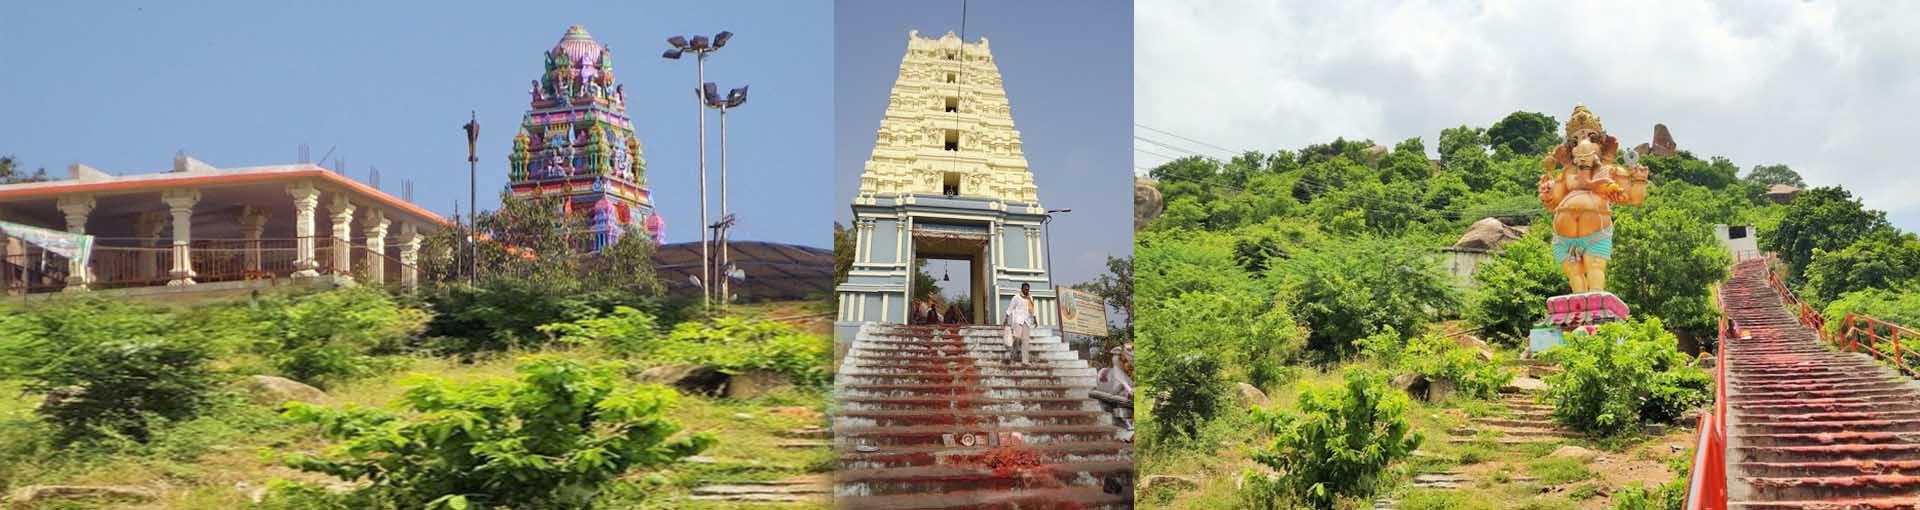 Chervu Gattu